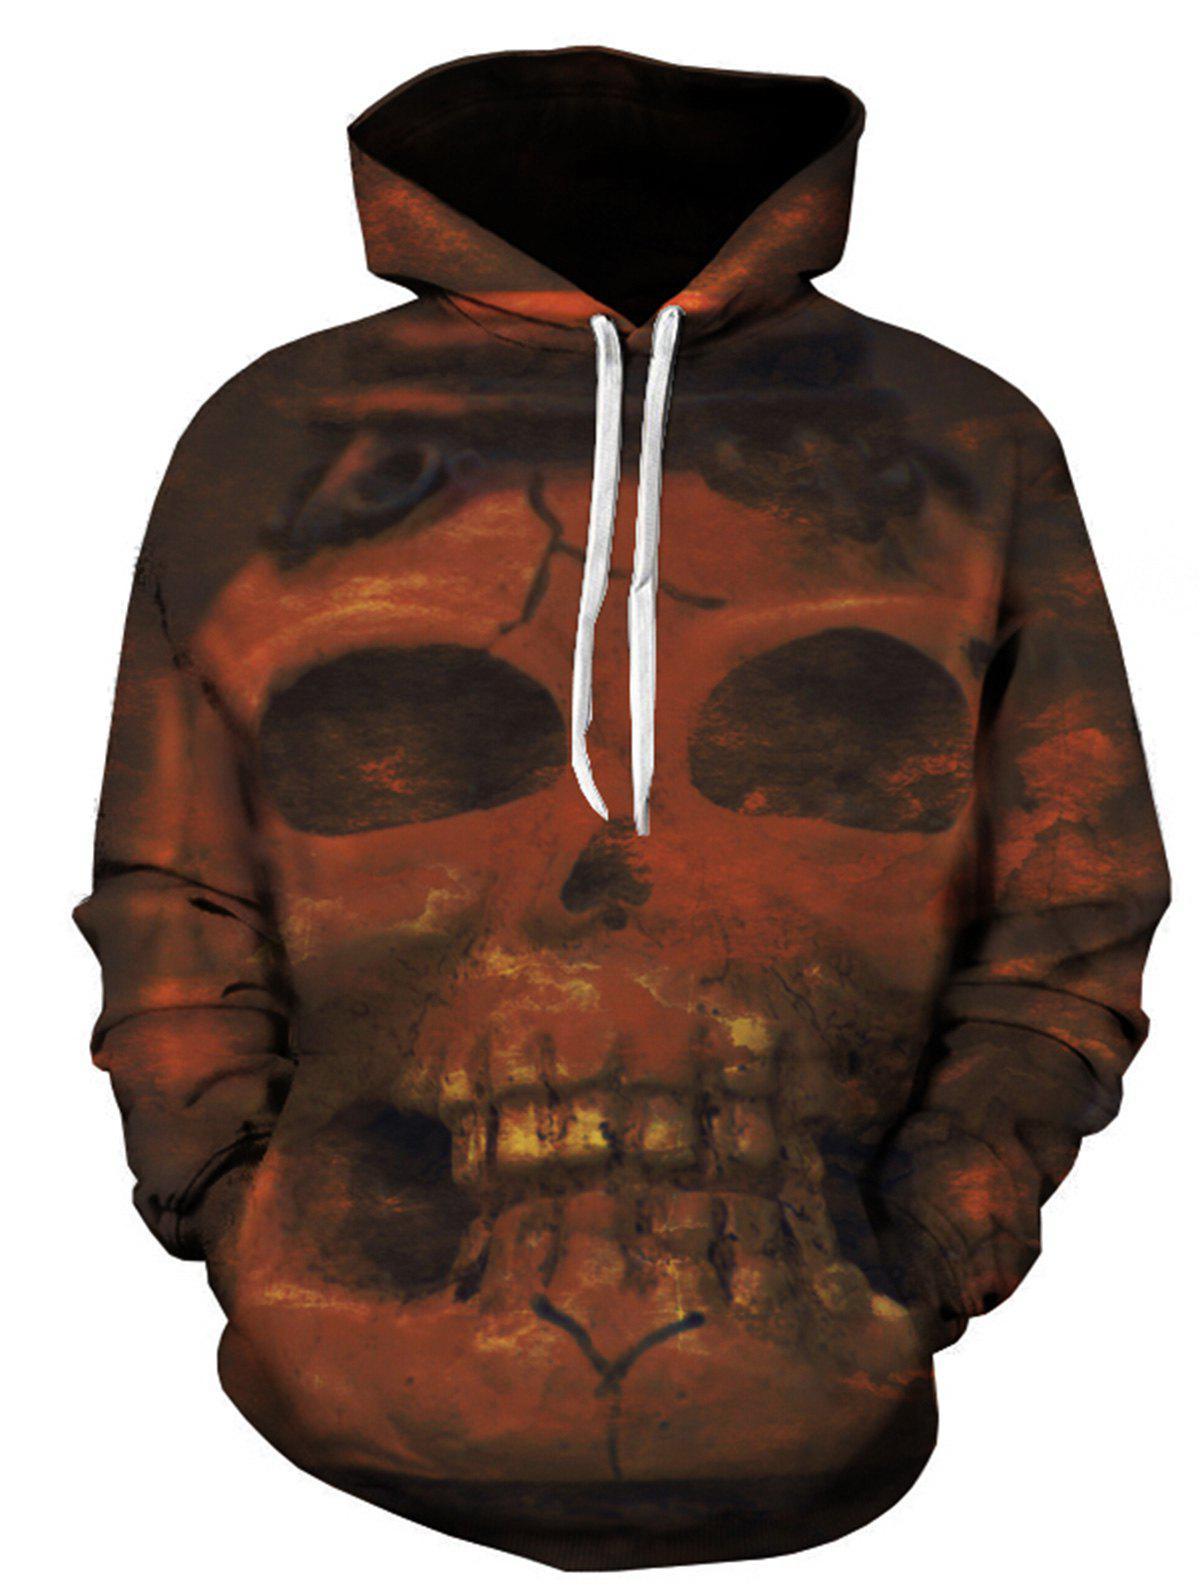 3D Skull Print Pullover Hoodie 239147101